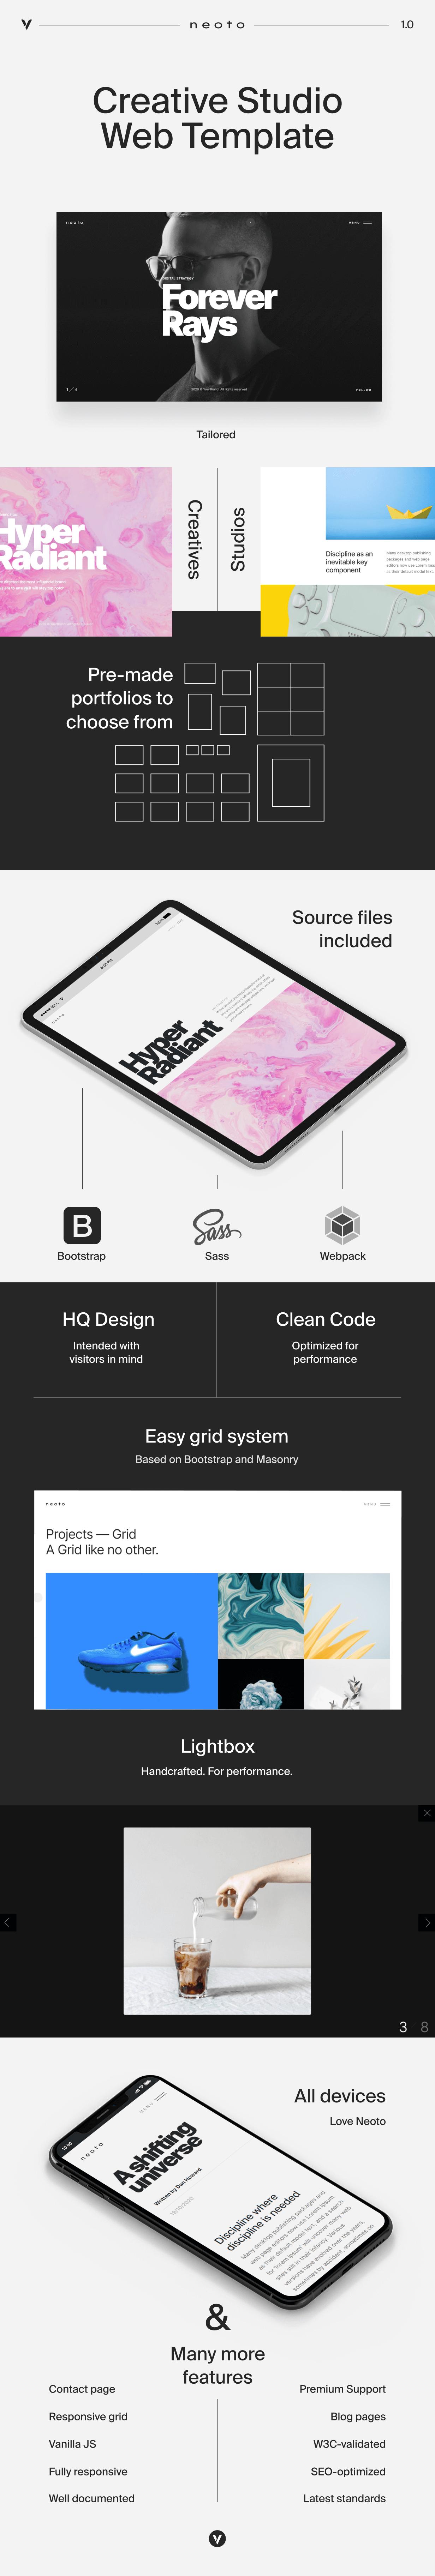 Neoto-Creative Studio投资组合模板